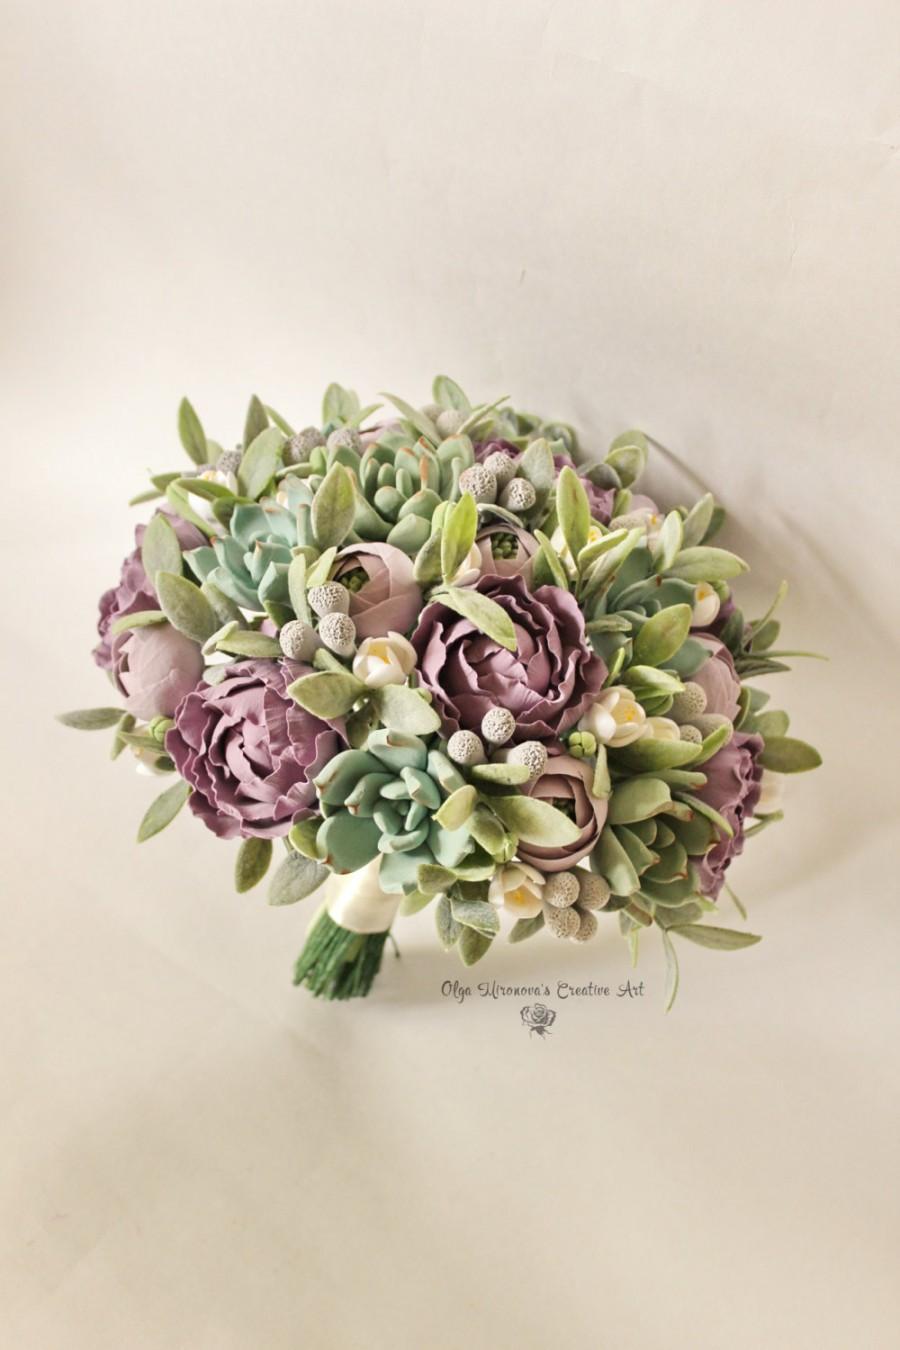 Wedding - Alternative wedding bouquet Keepsake succulent bouquet Bohobouquet Bridal bouquet with succulents and peonies Dusty Purple bouquet